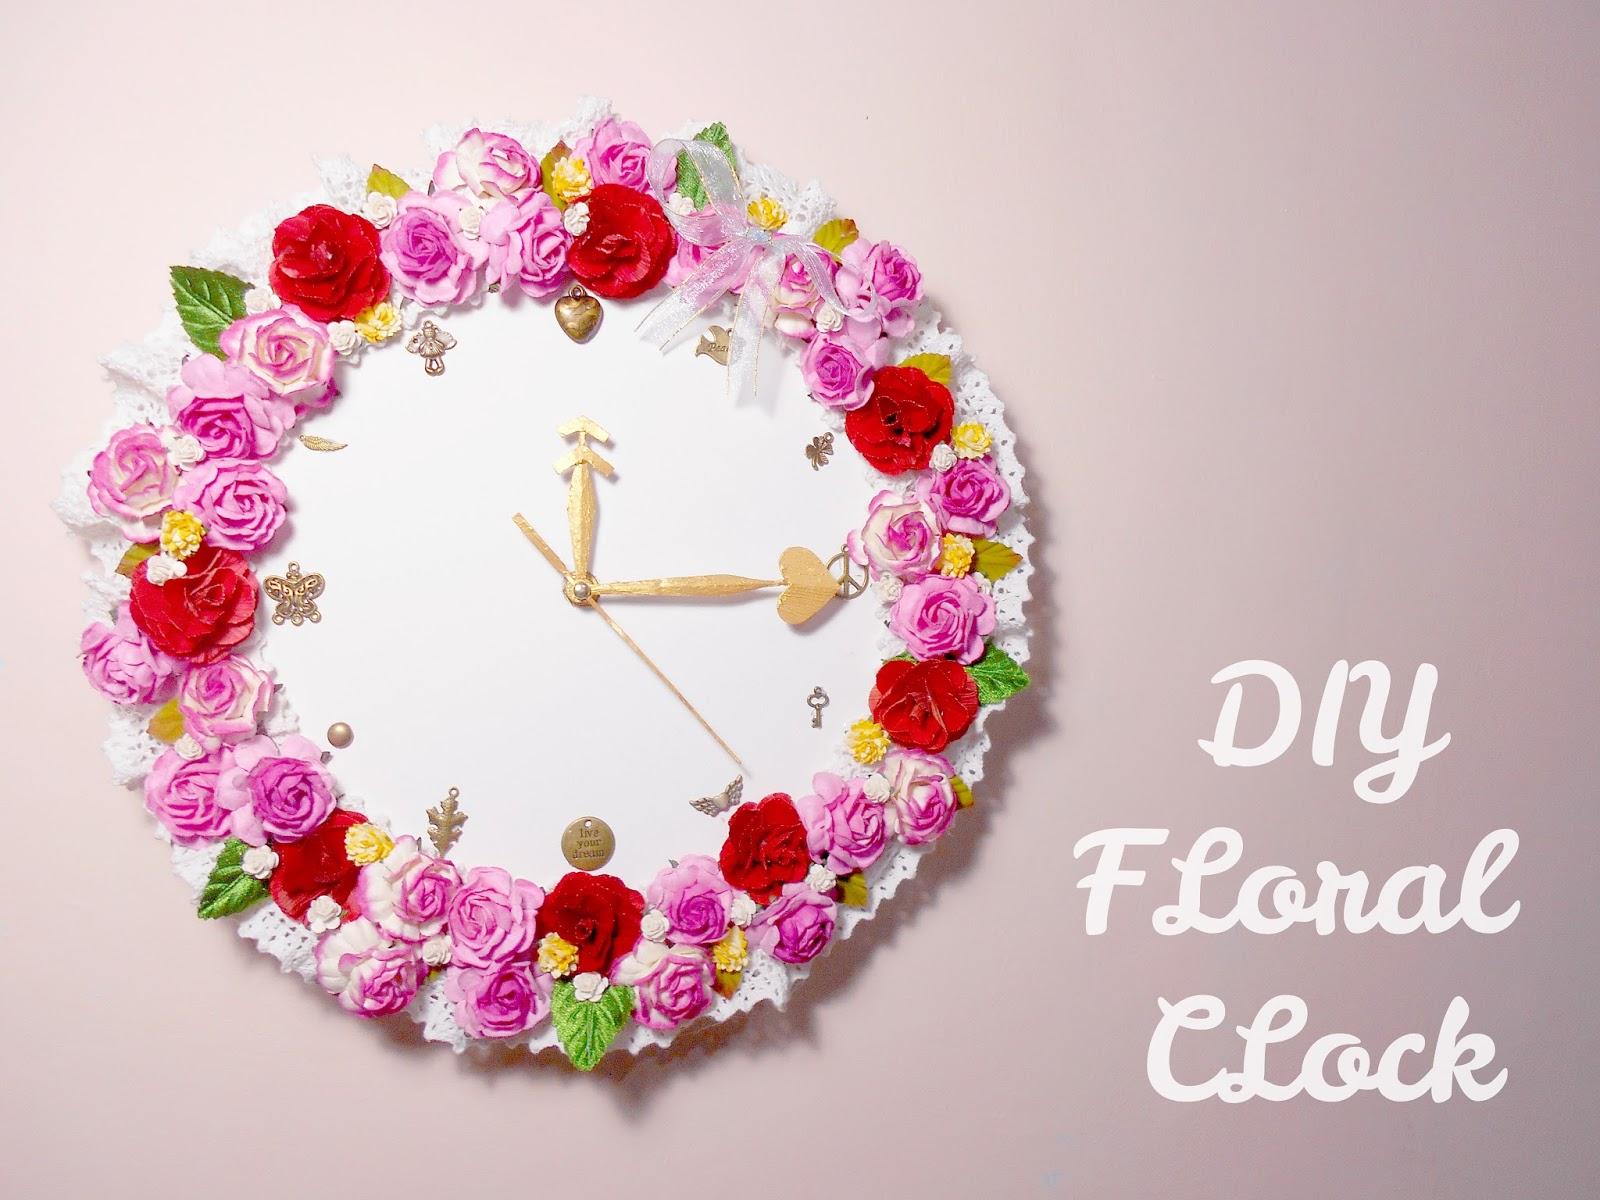 Floral clock diy room decoration idea diy floral clock room decoration idea amipublicfo Choice Image